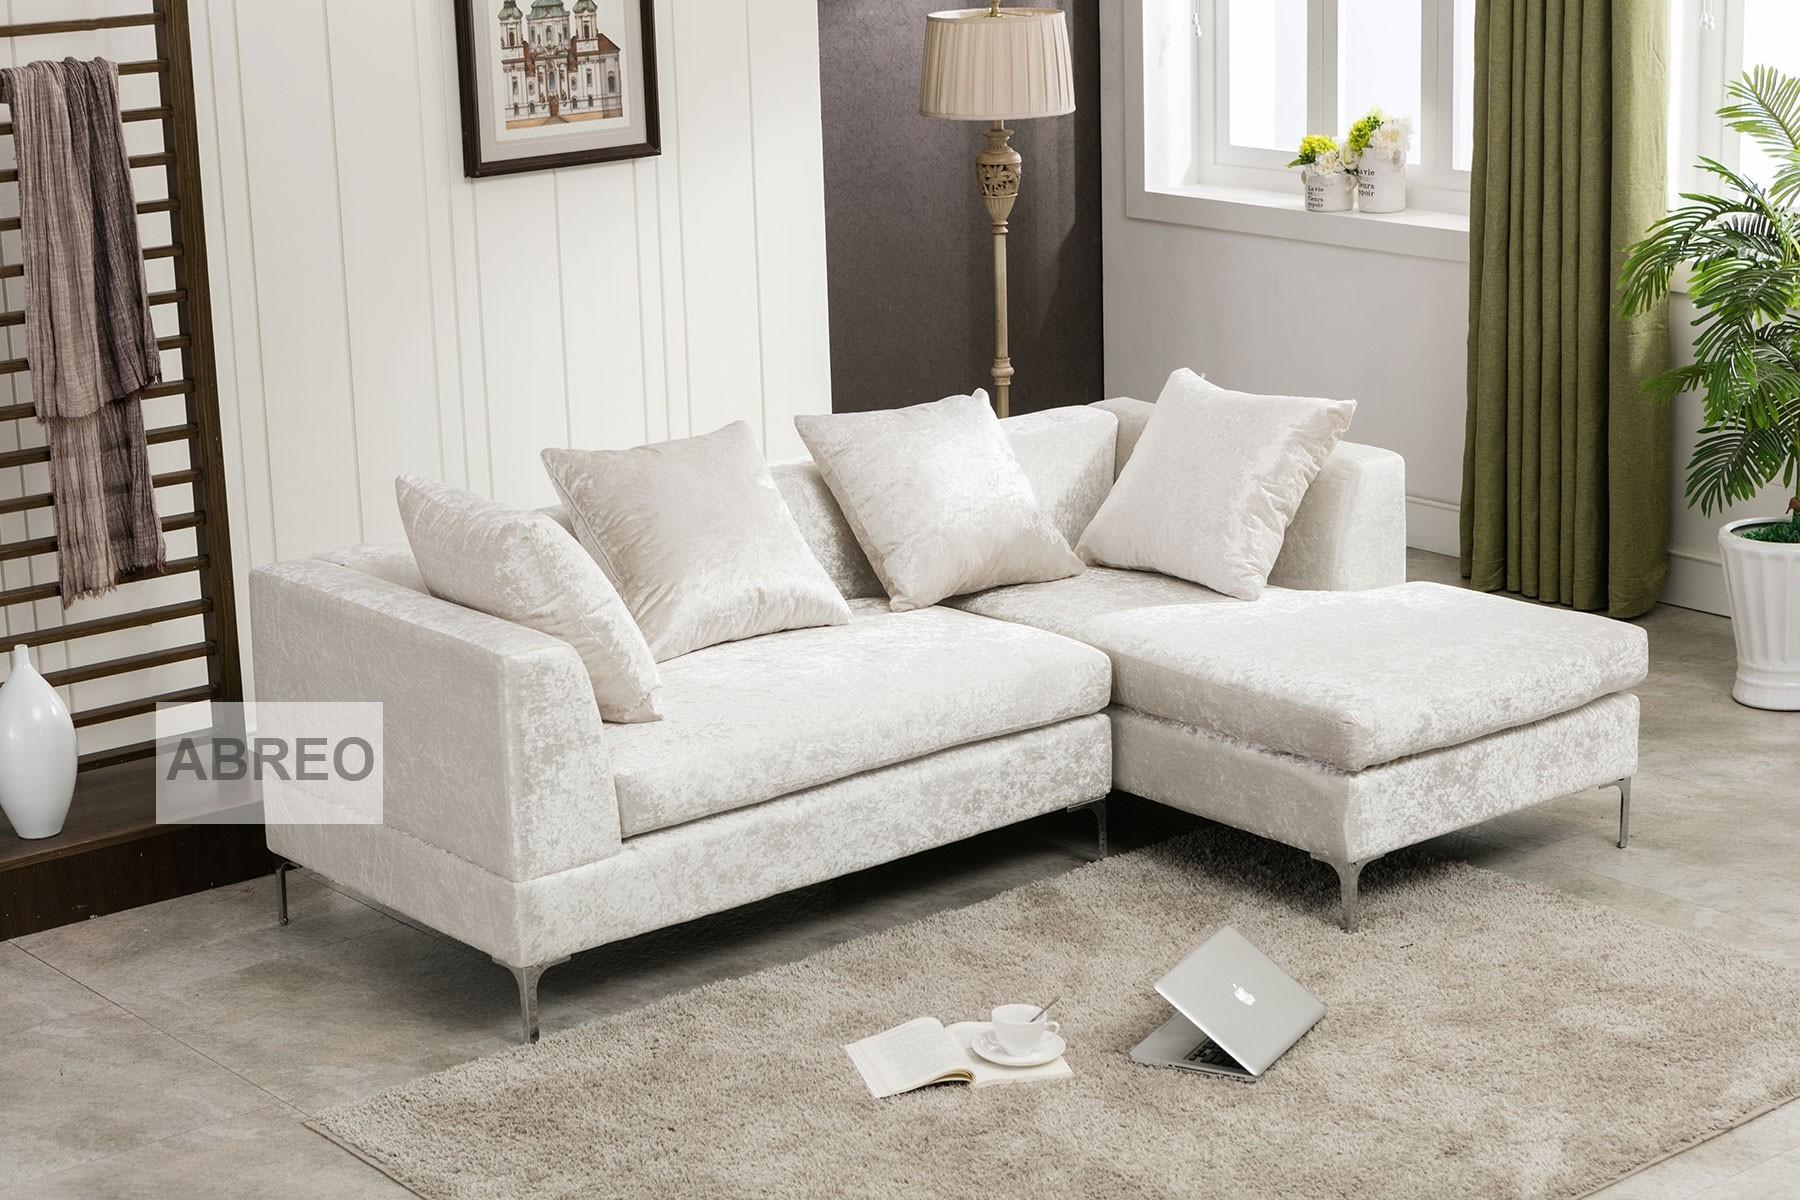 Velvet sofas Manhattan silver colored velvet sofa RDZBOTX